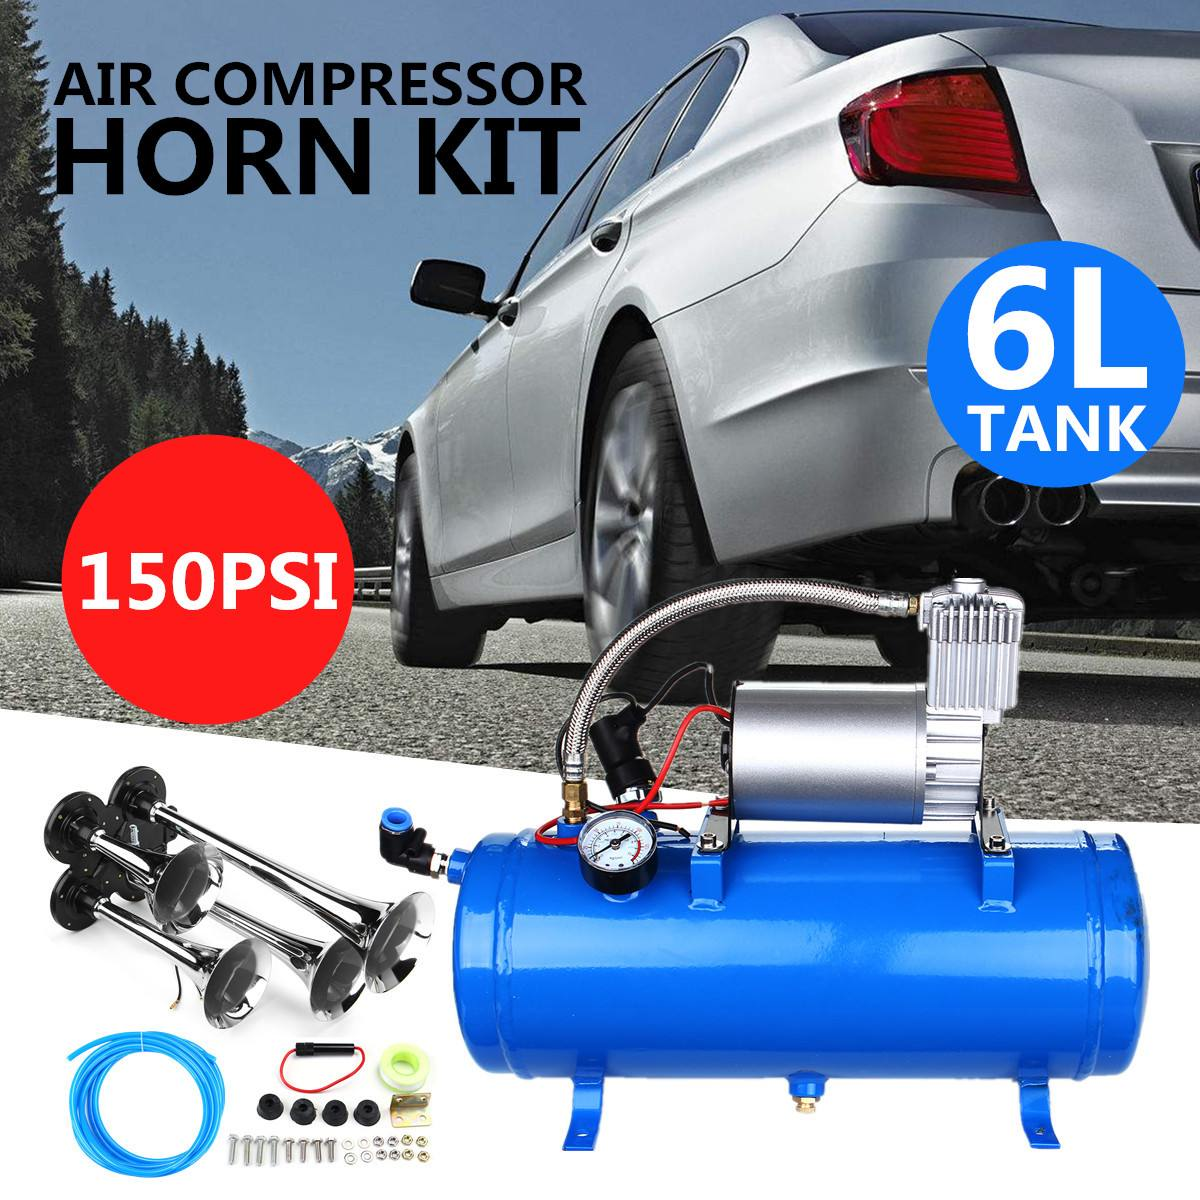 150PSI 150DB 12 V 23A 6 Litro Tanque Compressor de Ar Do Carro Truck Train 4-Kit Trompete Chifre Chifre 35x15x16.5 cm 41x15x30 Compressor de Ar cm